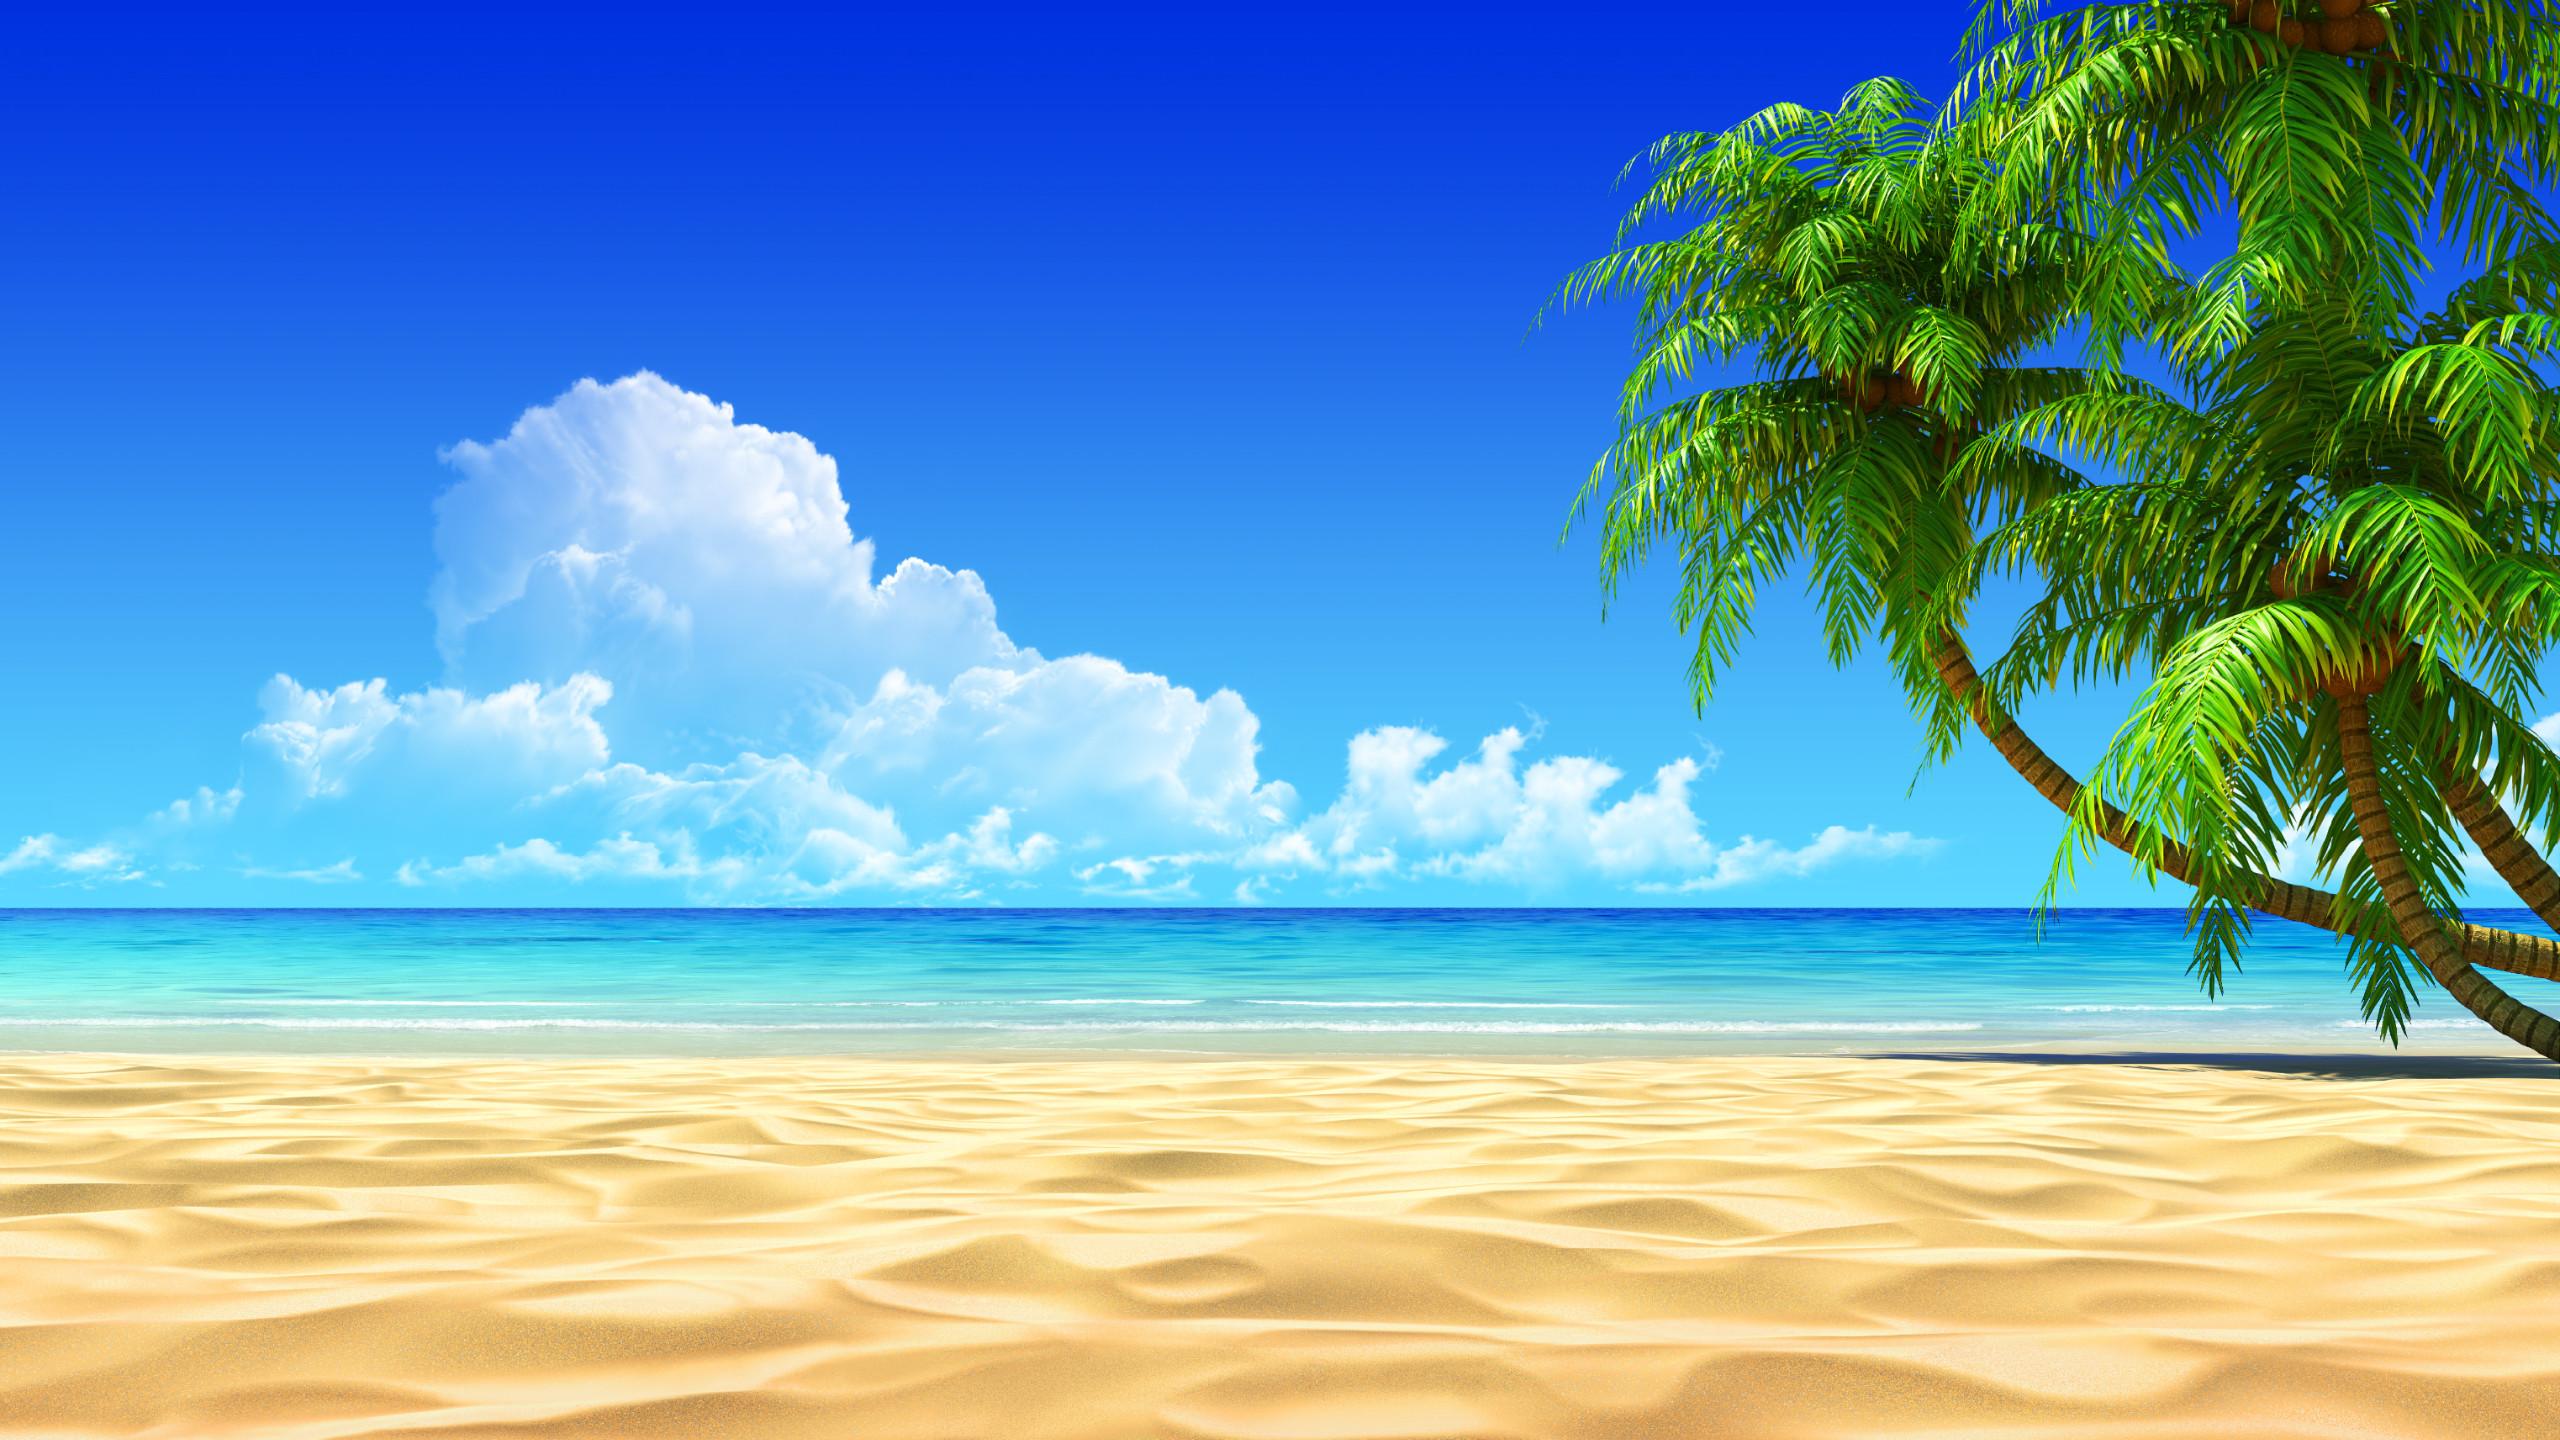 0 Beach Background Wallpaper Beach Background wallpaper #59893